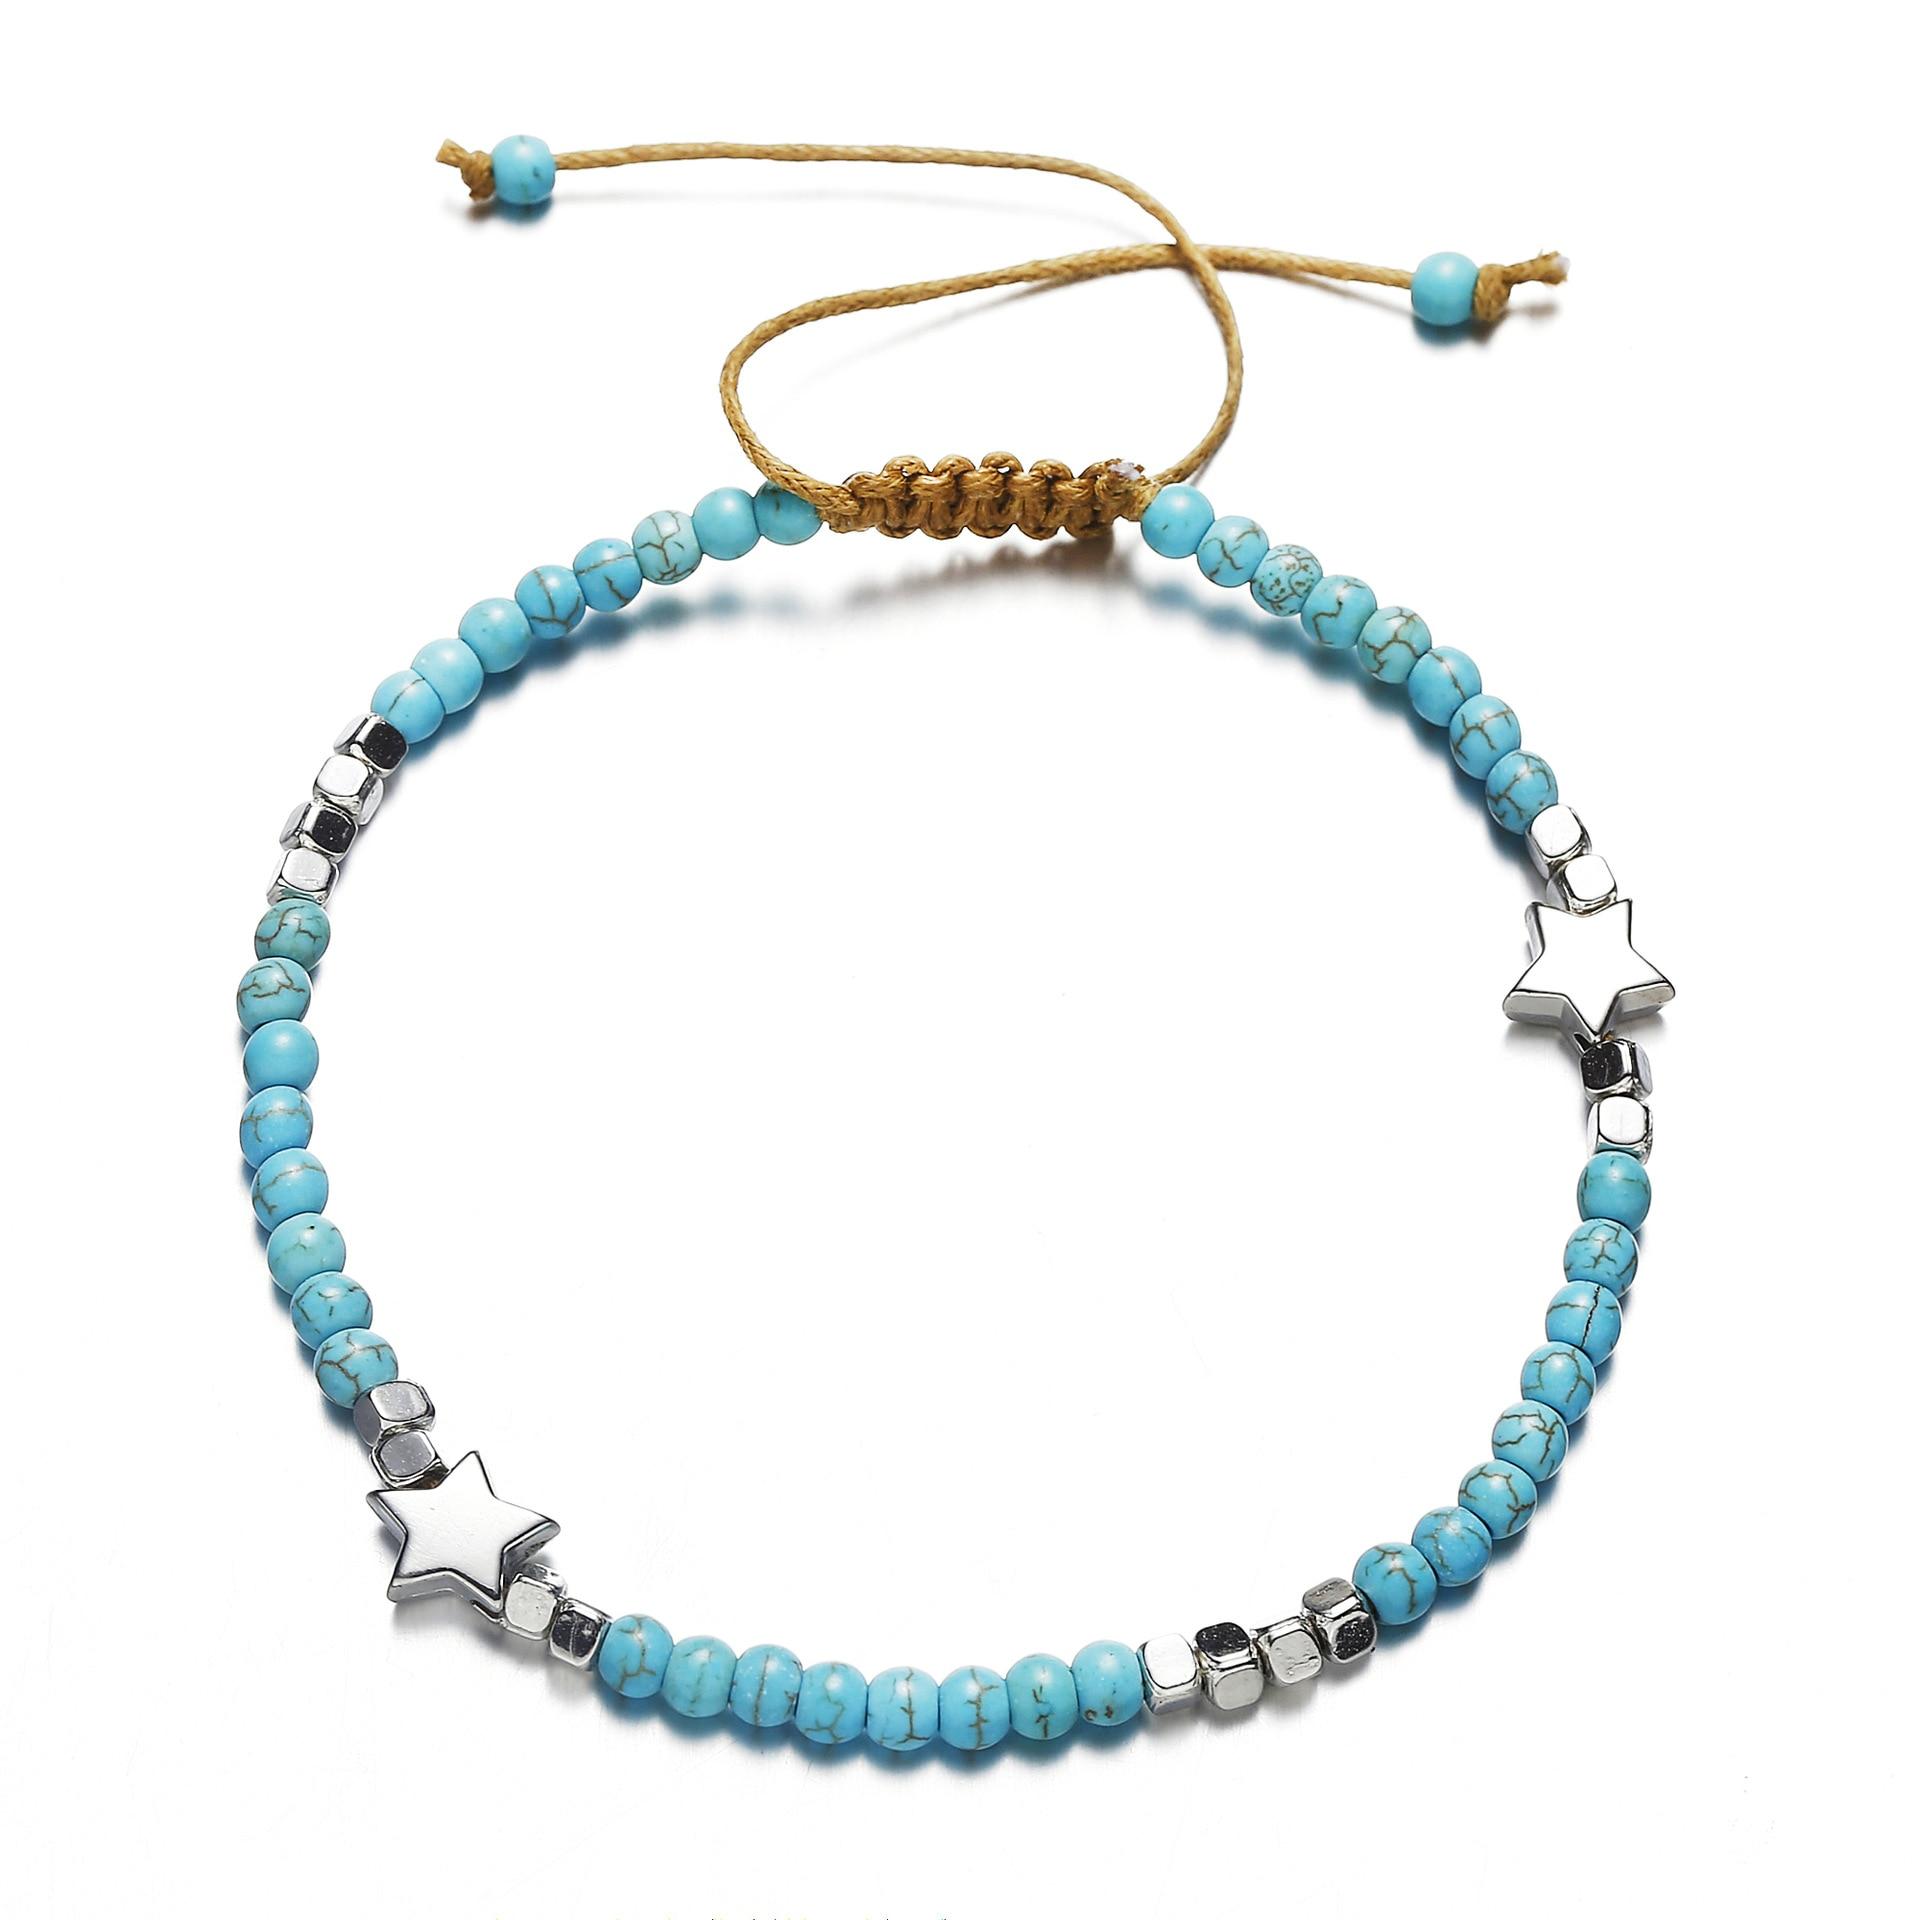 Купить женские пляжные браслеты с бусинами богемные цепочкой лето 2019